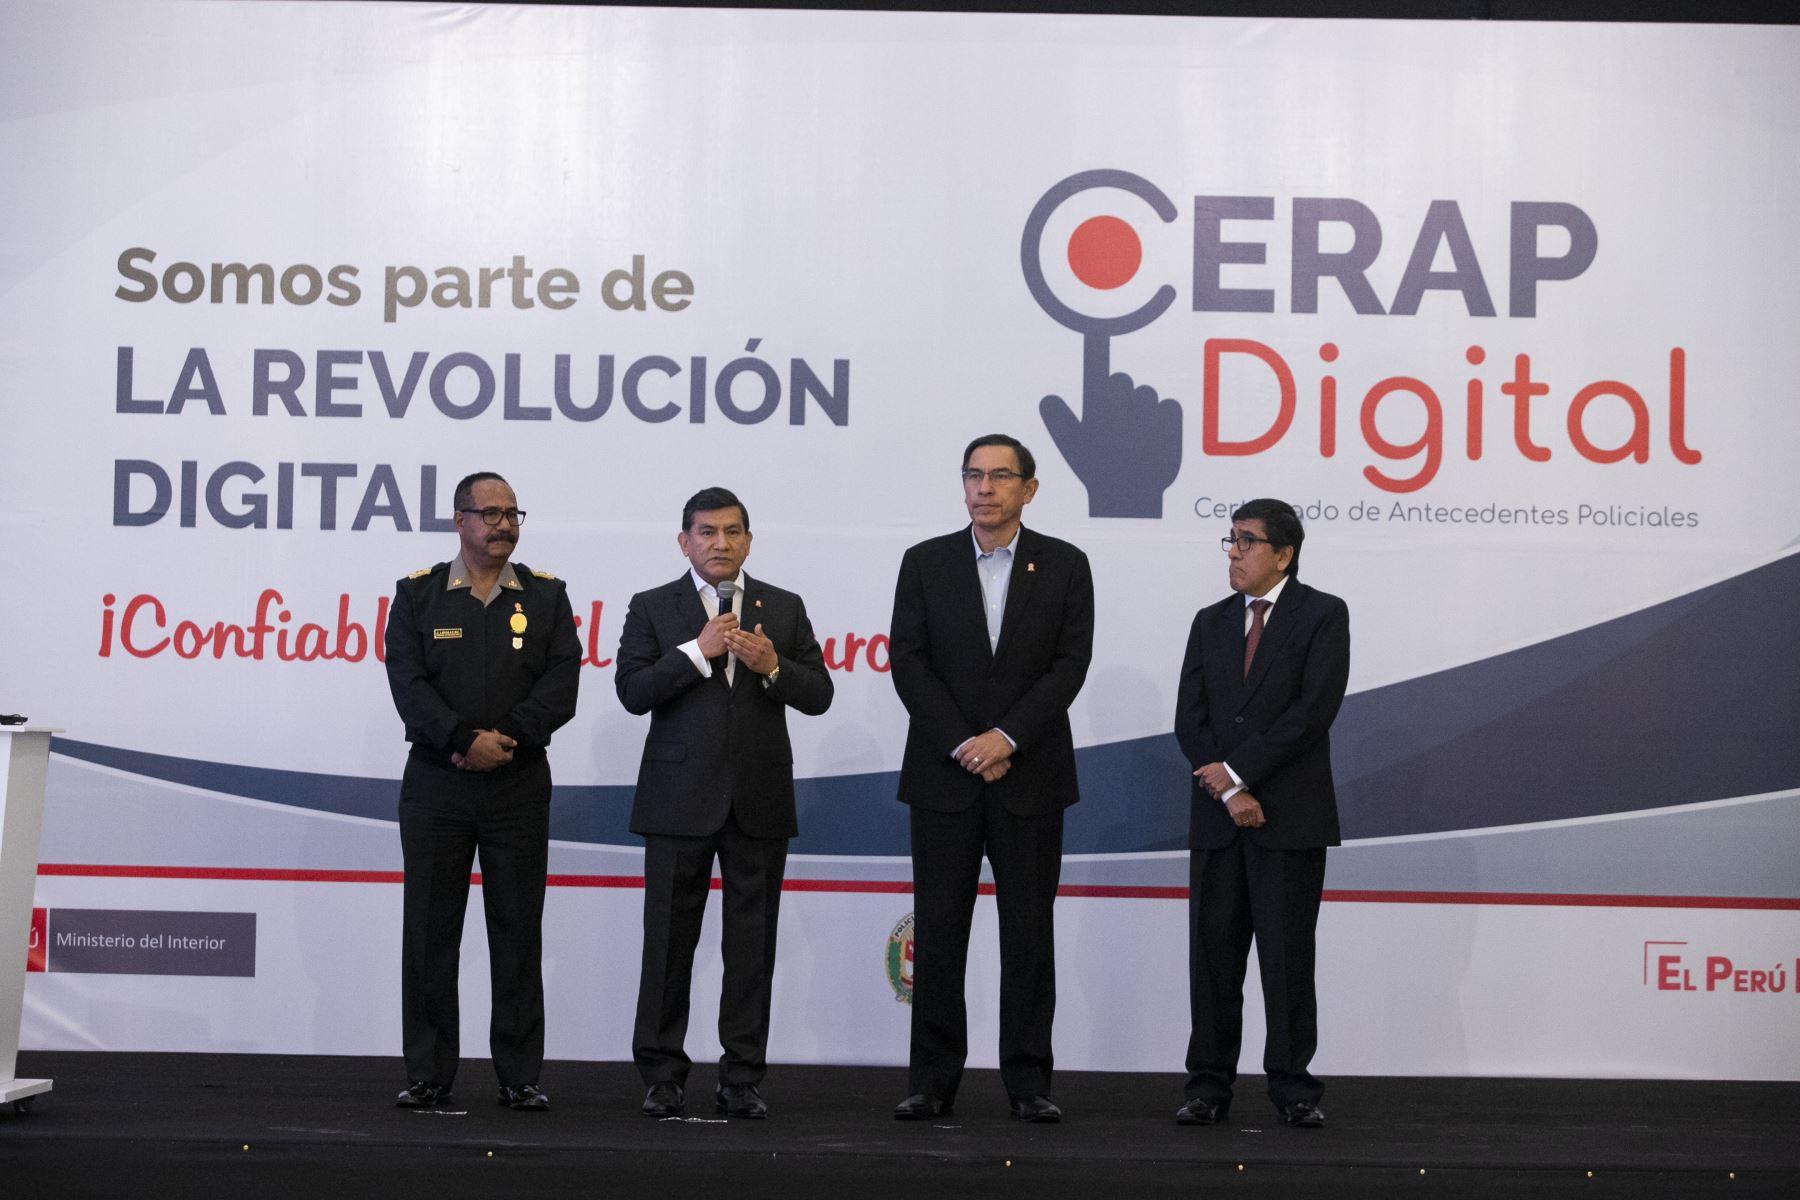 El presidente Martin Vizcarra, junto al ministro del Interior, participa de la presentación del nuevo servicio de emisión de Certificados de Antecedentes Policiales Digitales. Foto: ANDINA/ Prensa Presidencia